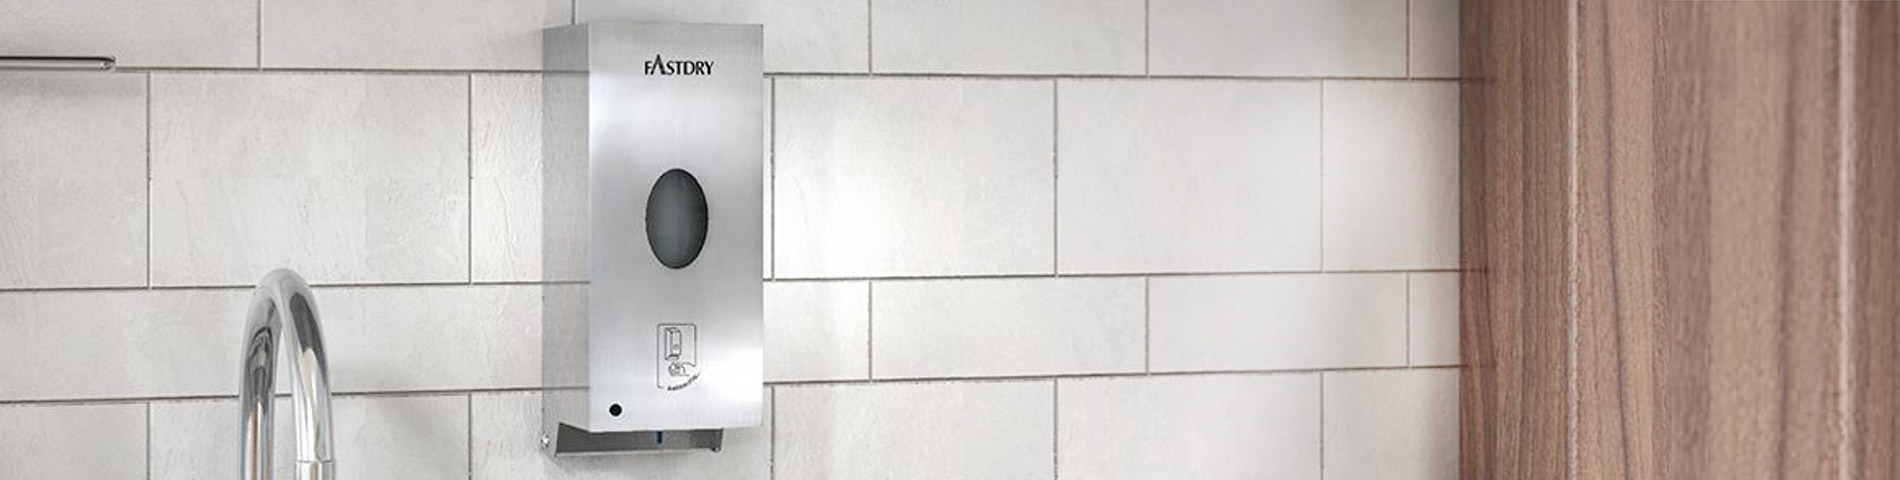 Volledig bereik van Auto Sanitizer Dispenser